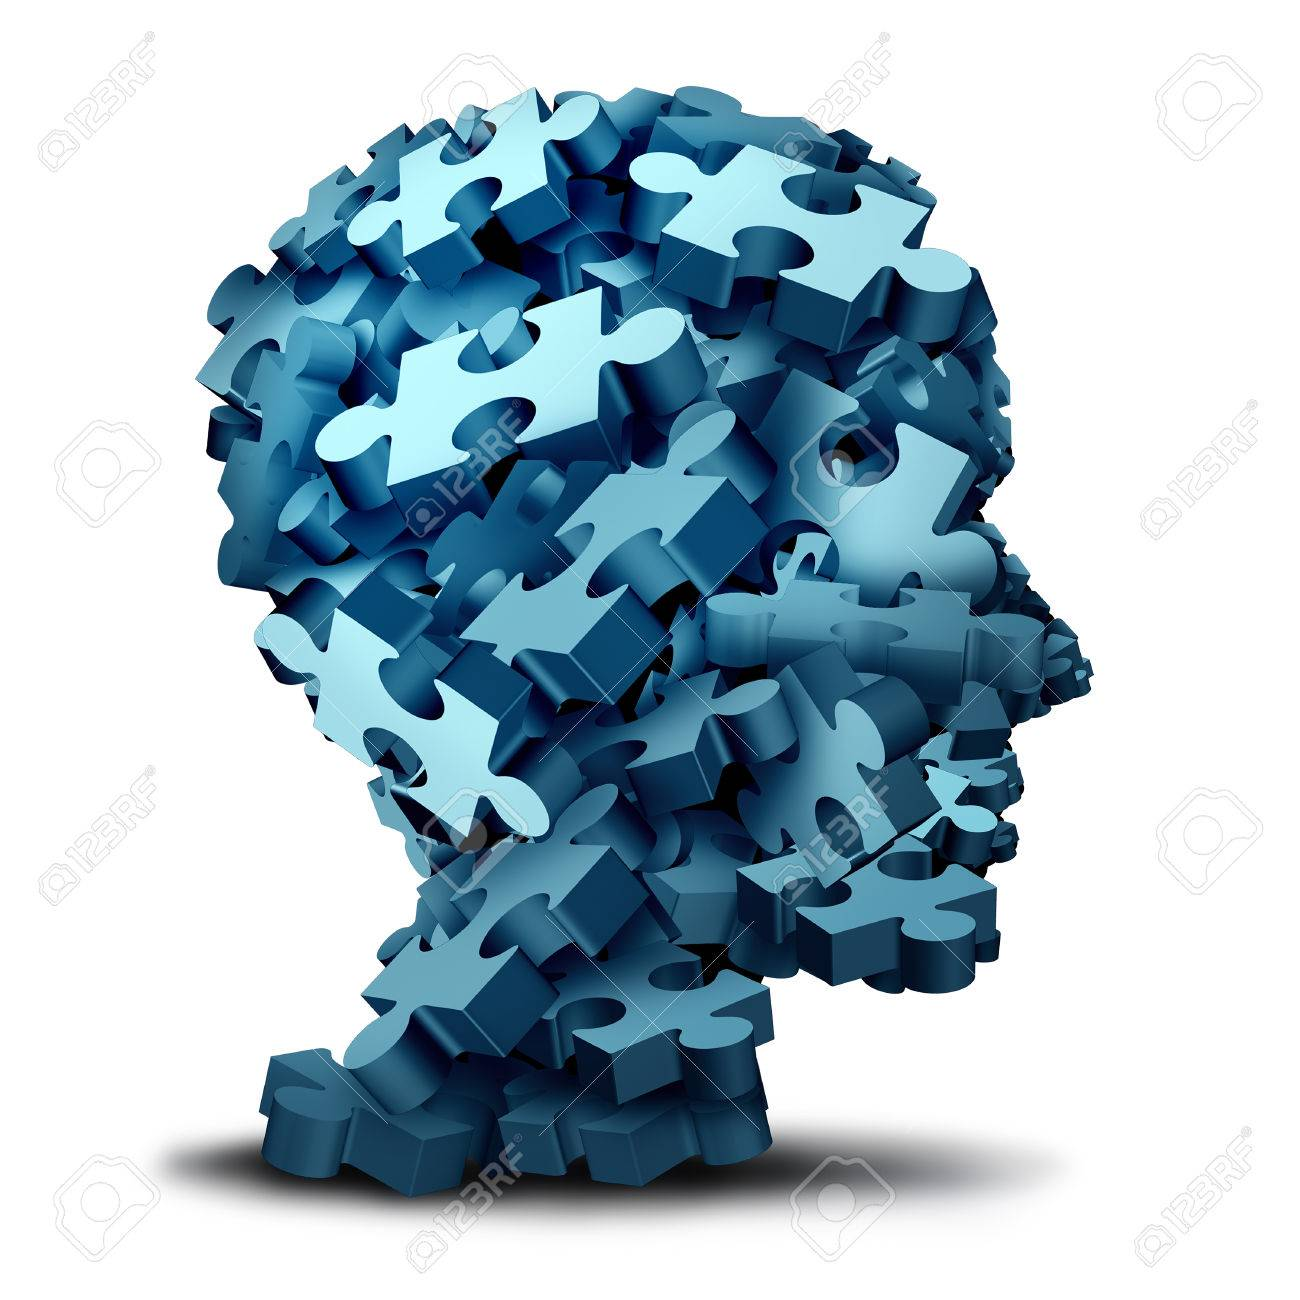 心理学パズルのコンセプトとして3 D イラストのジグソー パズルの